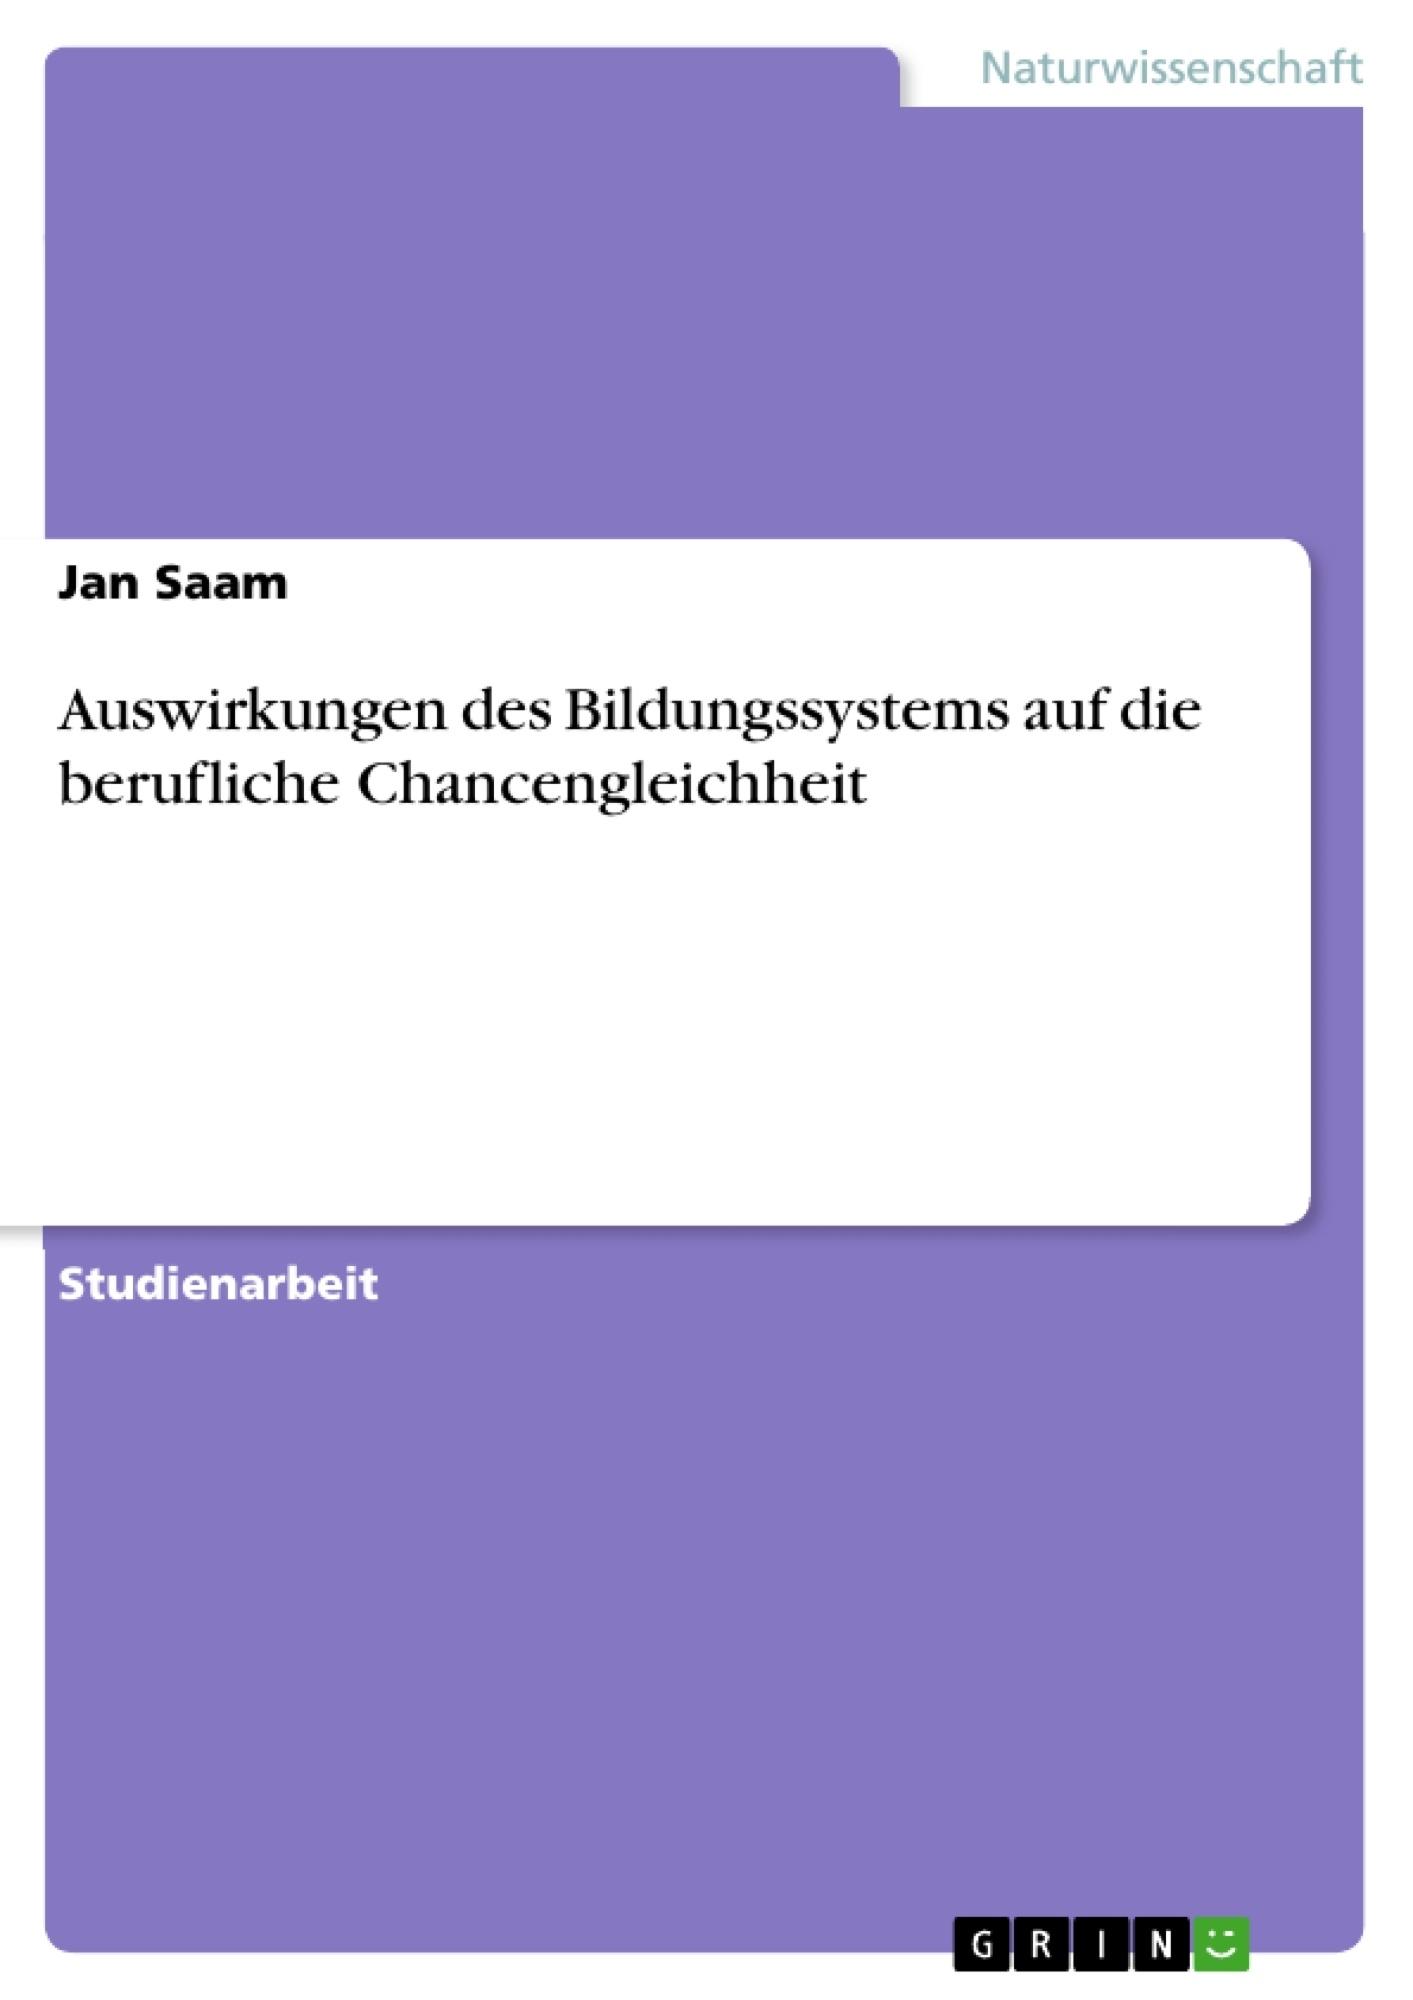 Titel: Auswirkungen des Bildungssystems auf die berufliche Chancengleichheit